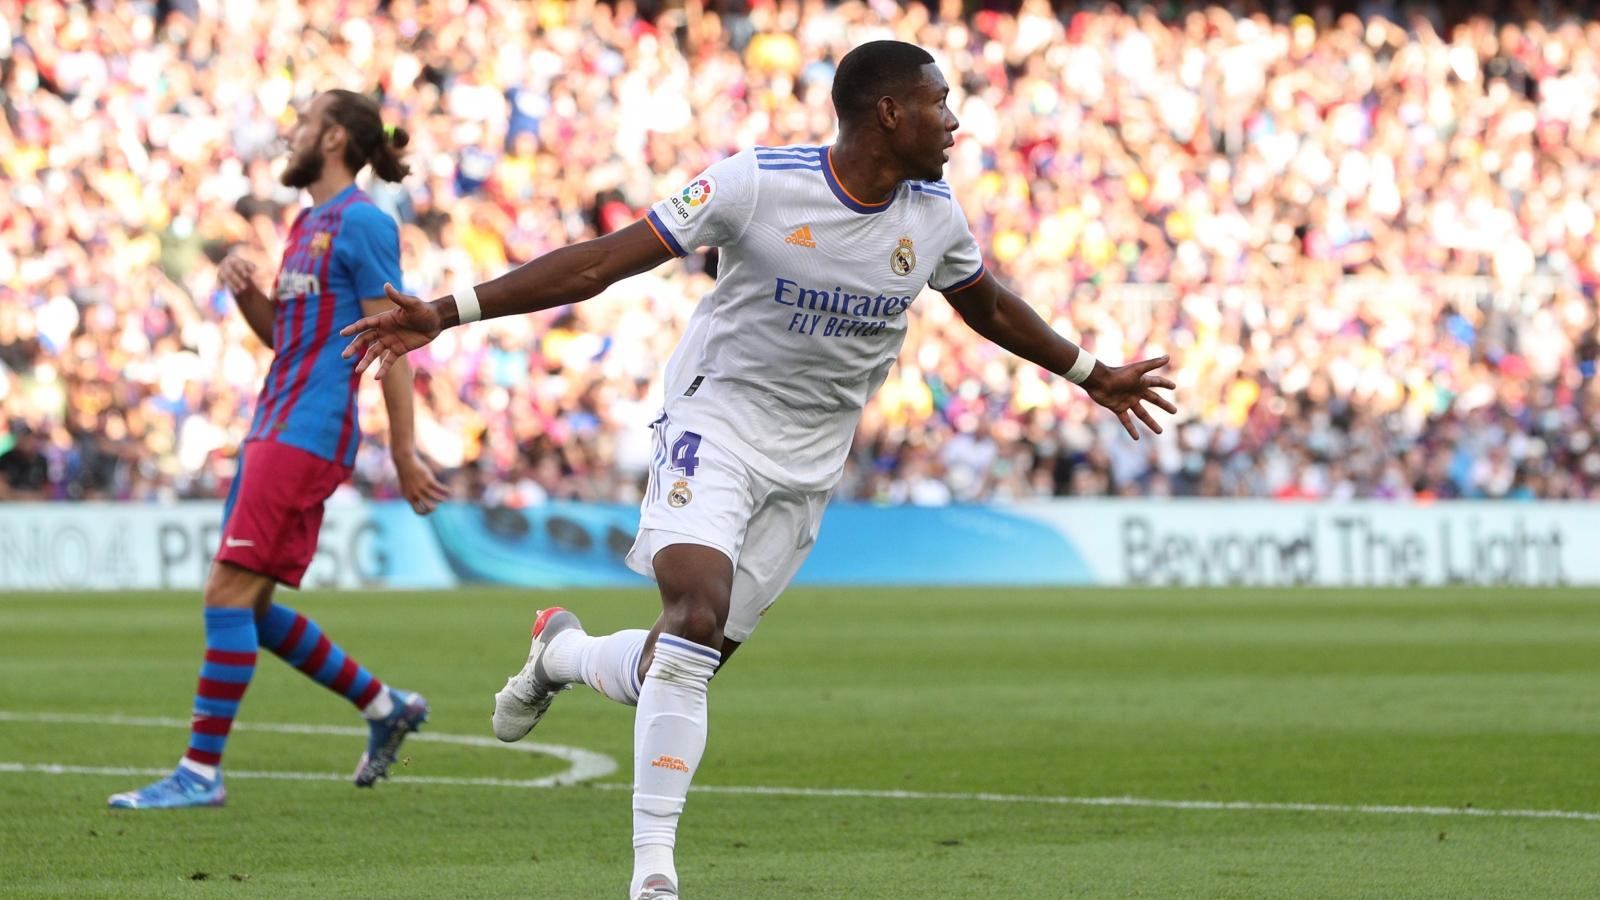 TRỰC TIẾP Barca 0-1 Real Madrid: David Alaba ghi bàn đẳng cấp